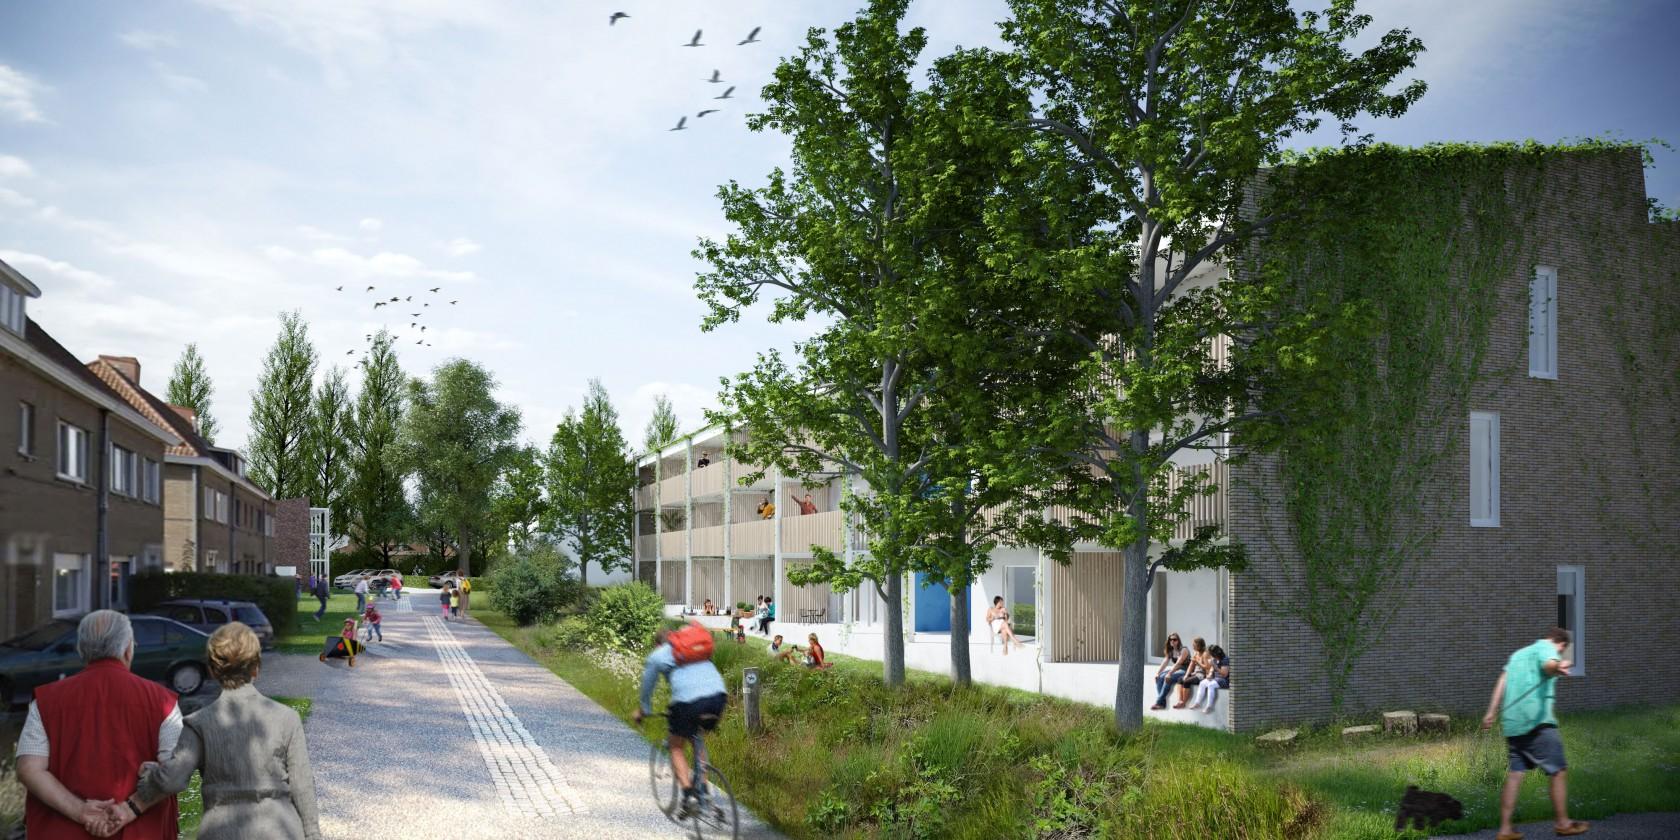 Abscis Architecten - een groene wijk - Acacialaan - visualisatie Abscis Architecten